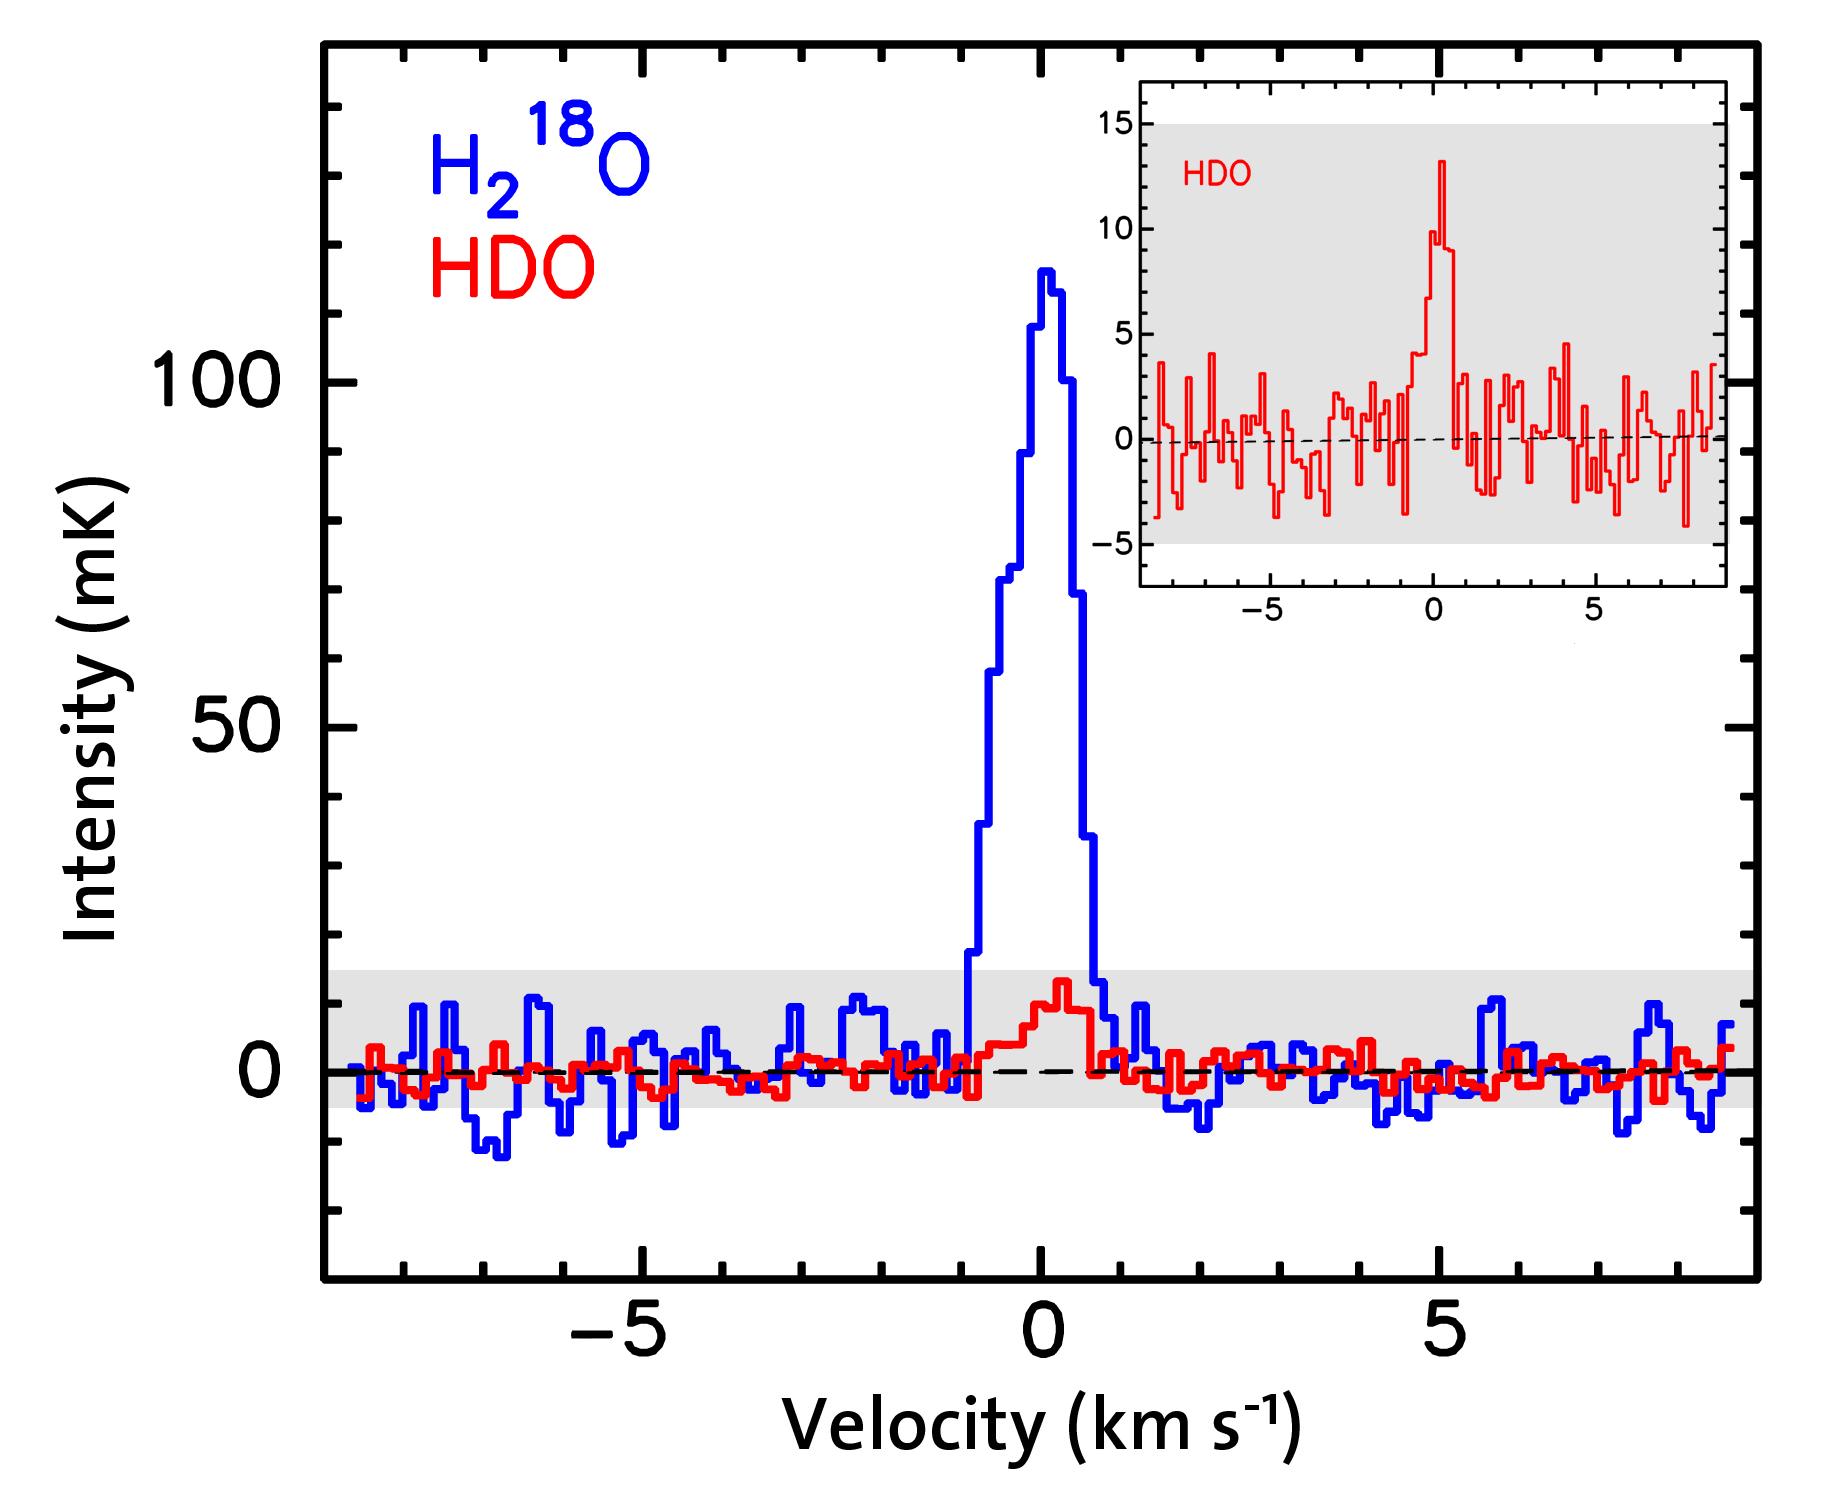 Vattenlinjer i spektrat från kometen 103P/Hartley 2 med instrumentet HIFI på Herschel. Bild: Paul Hartogh, Max-Planck-Institut für Sonnensystemforschung